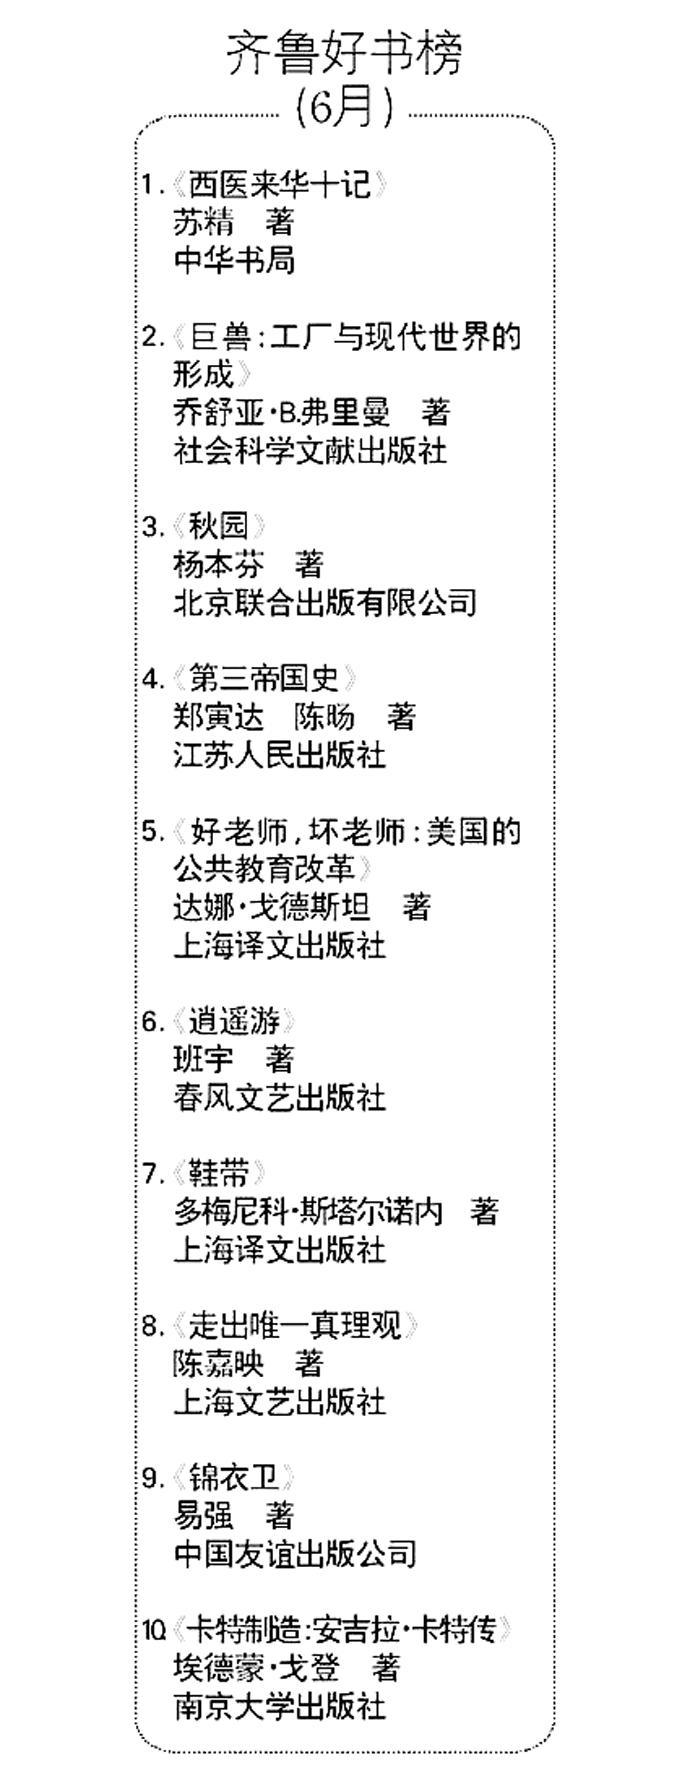 齐鲁好书榜(6月)| 关于第三帝国,中国学界发出了自己的声音